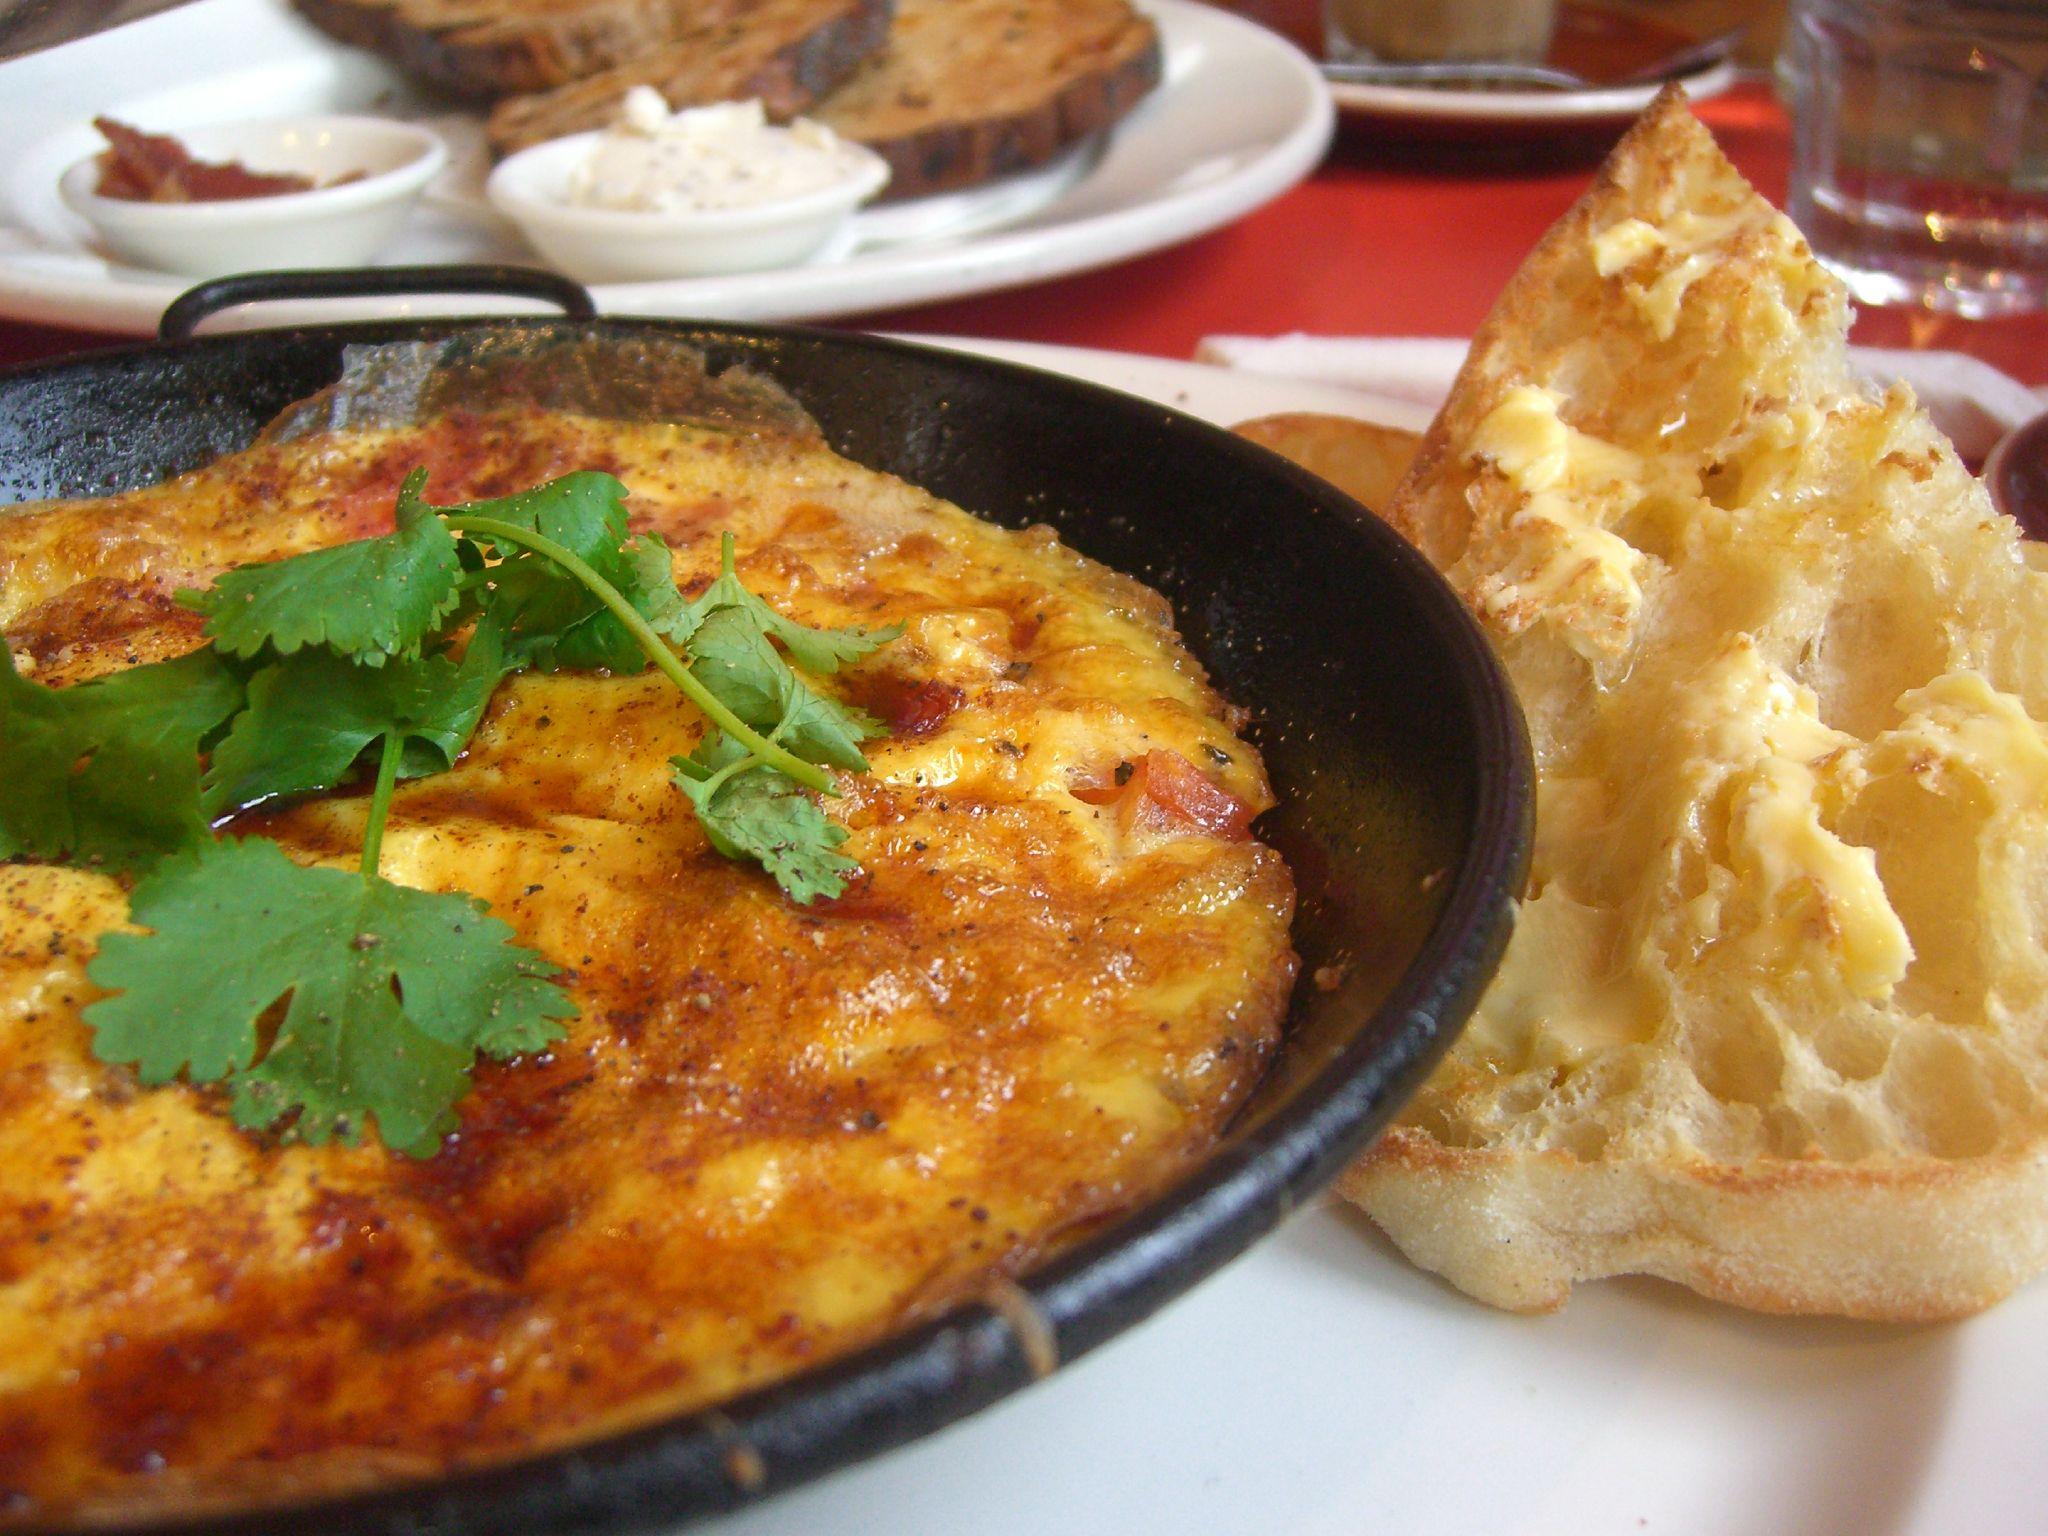 Varie a sua dieta: aprenda a fazer omelete de forno!